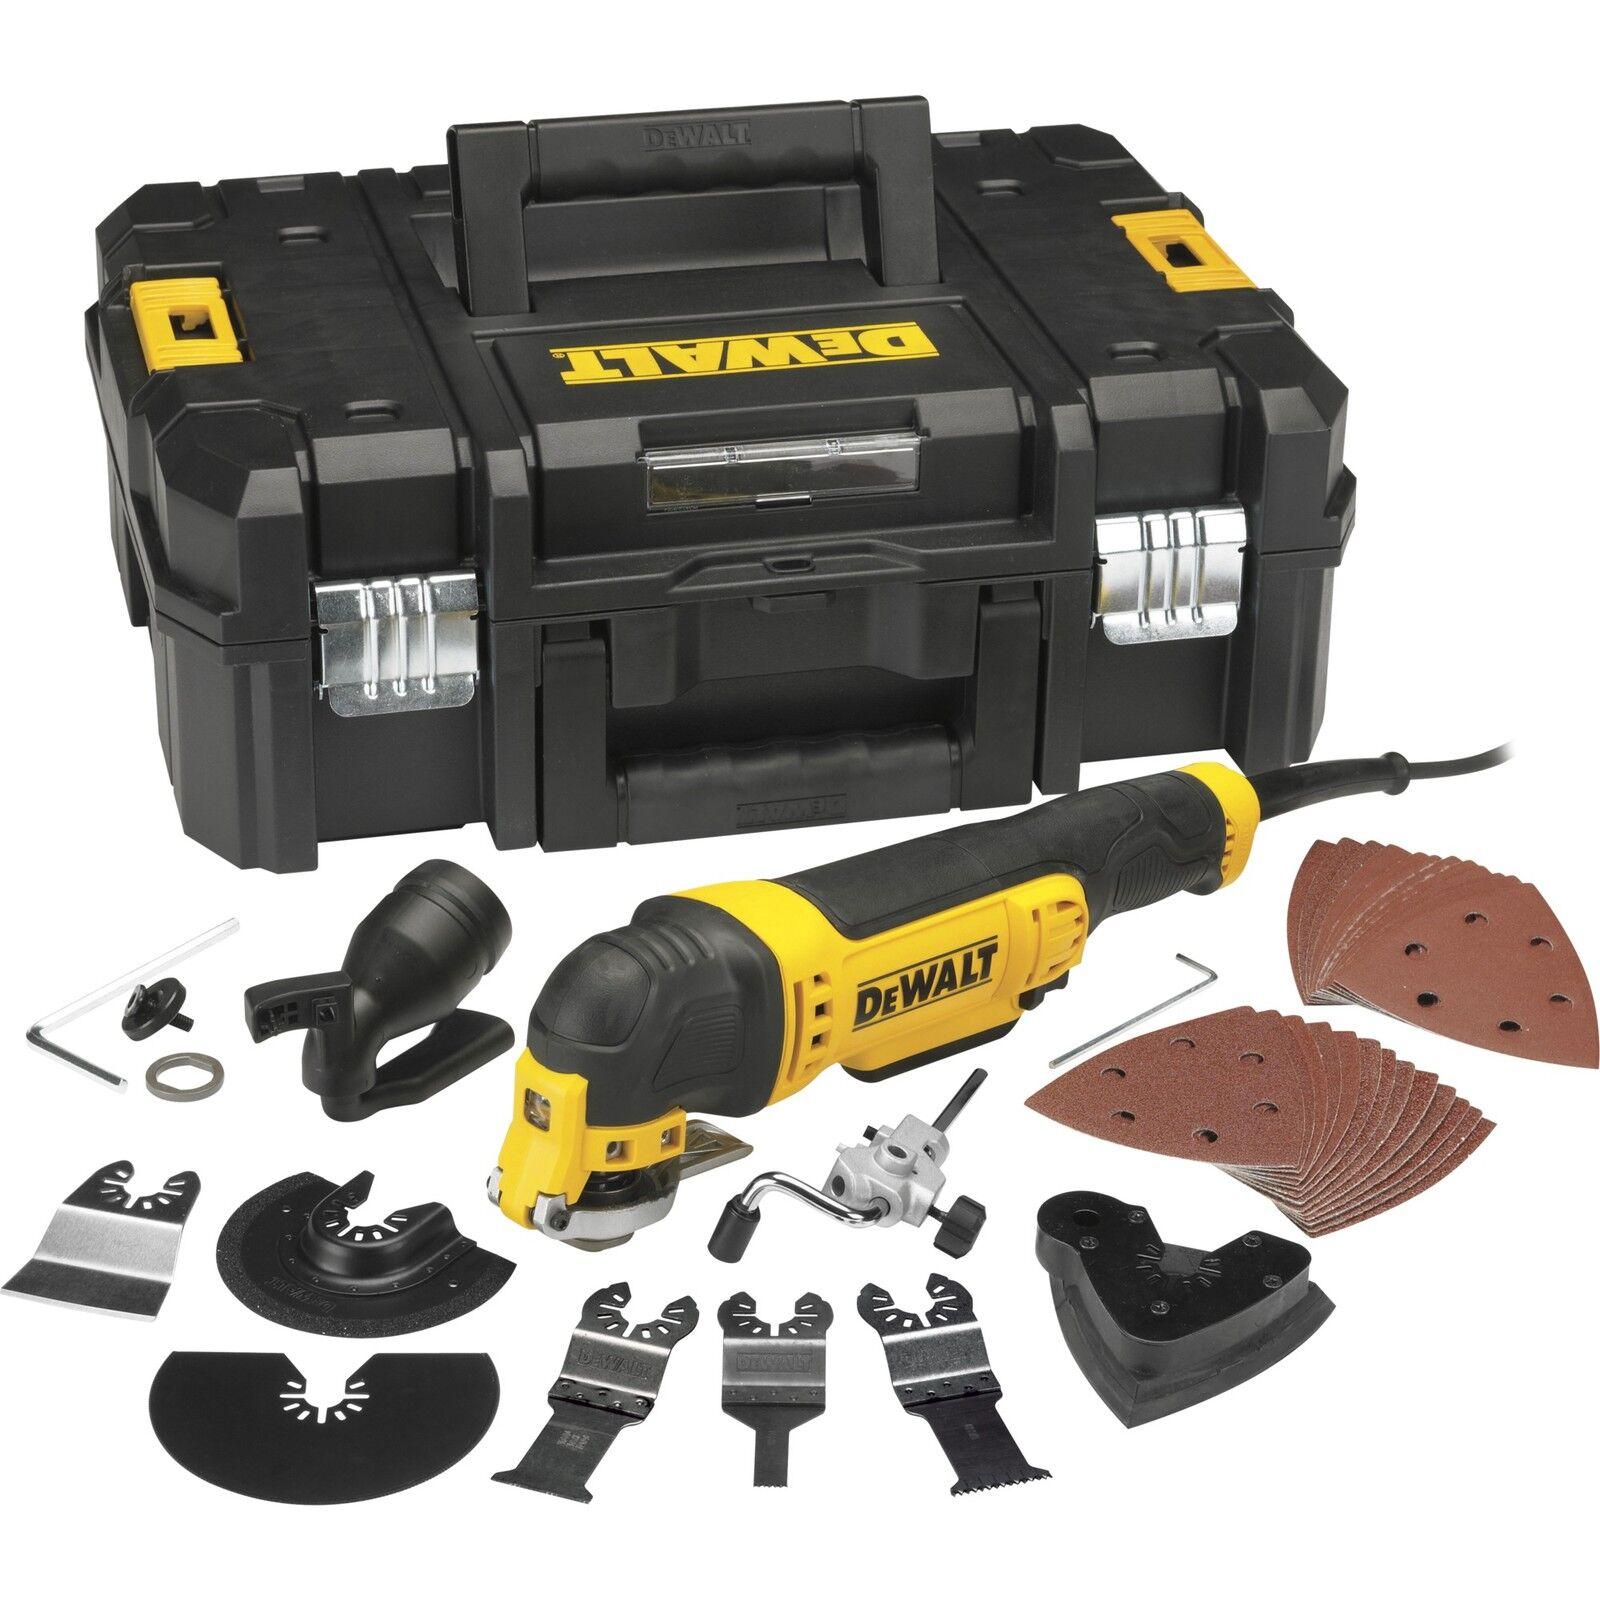 DeWalt Multifunktions-Werkzeug DWE315KT Set, gelb